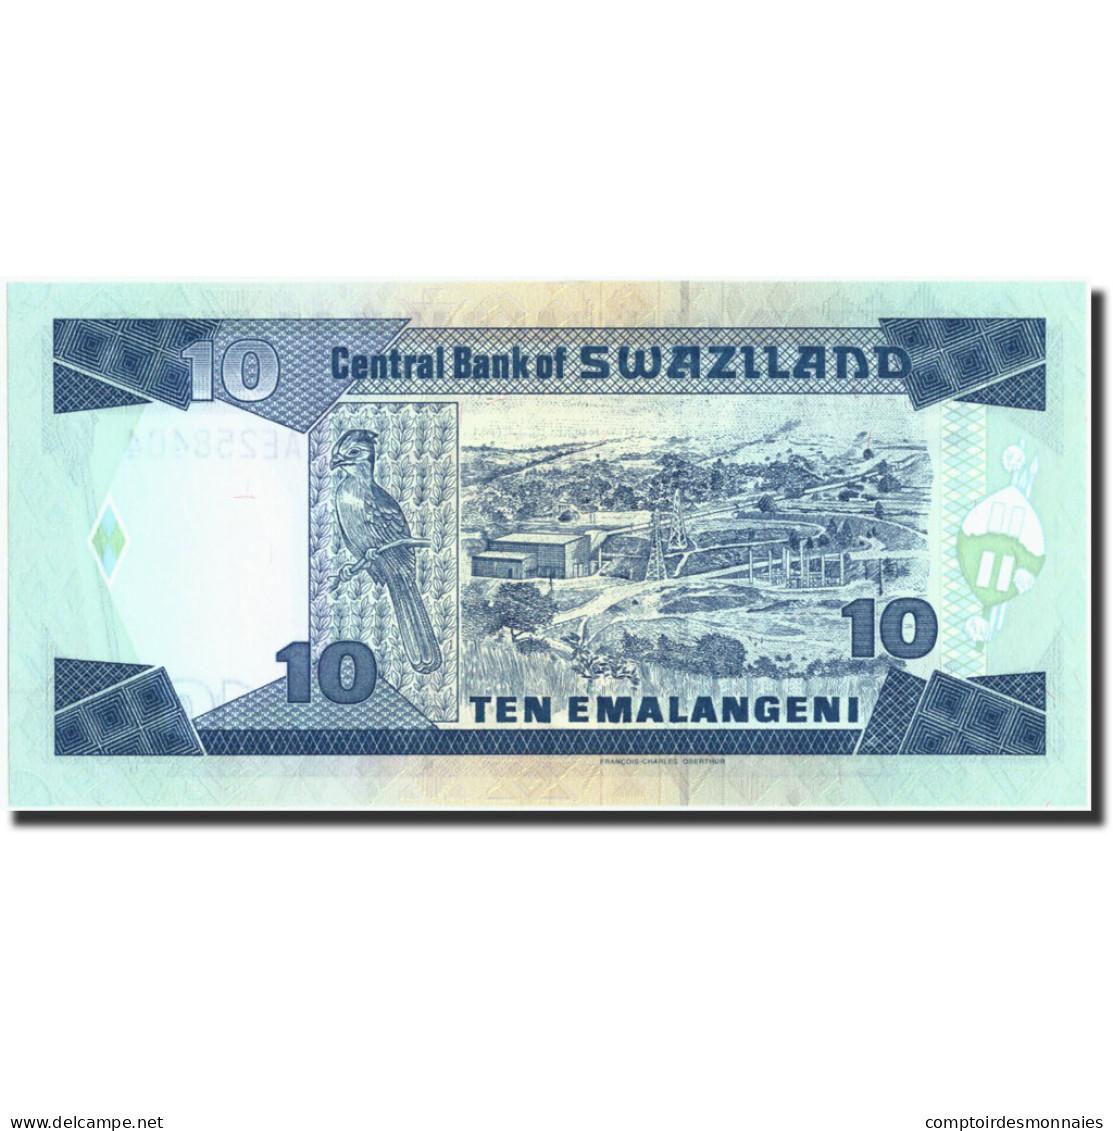 Swaziland, 10 Emalangeni, Undated 1995, KM:24a, Undated 1995, NEUF - Swaziland